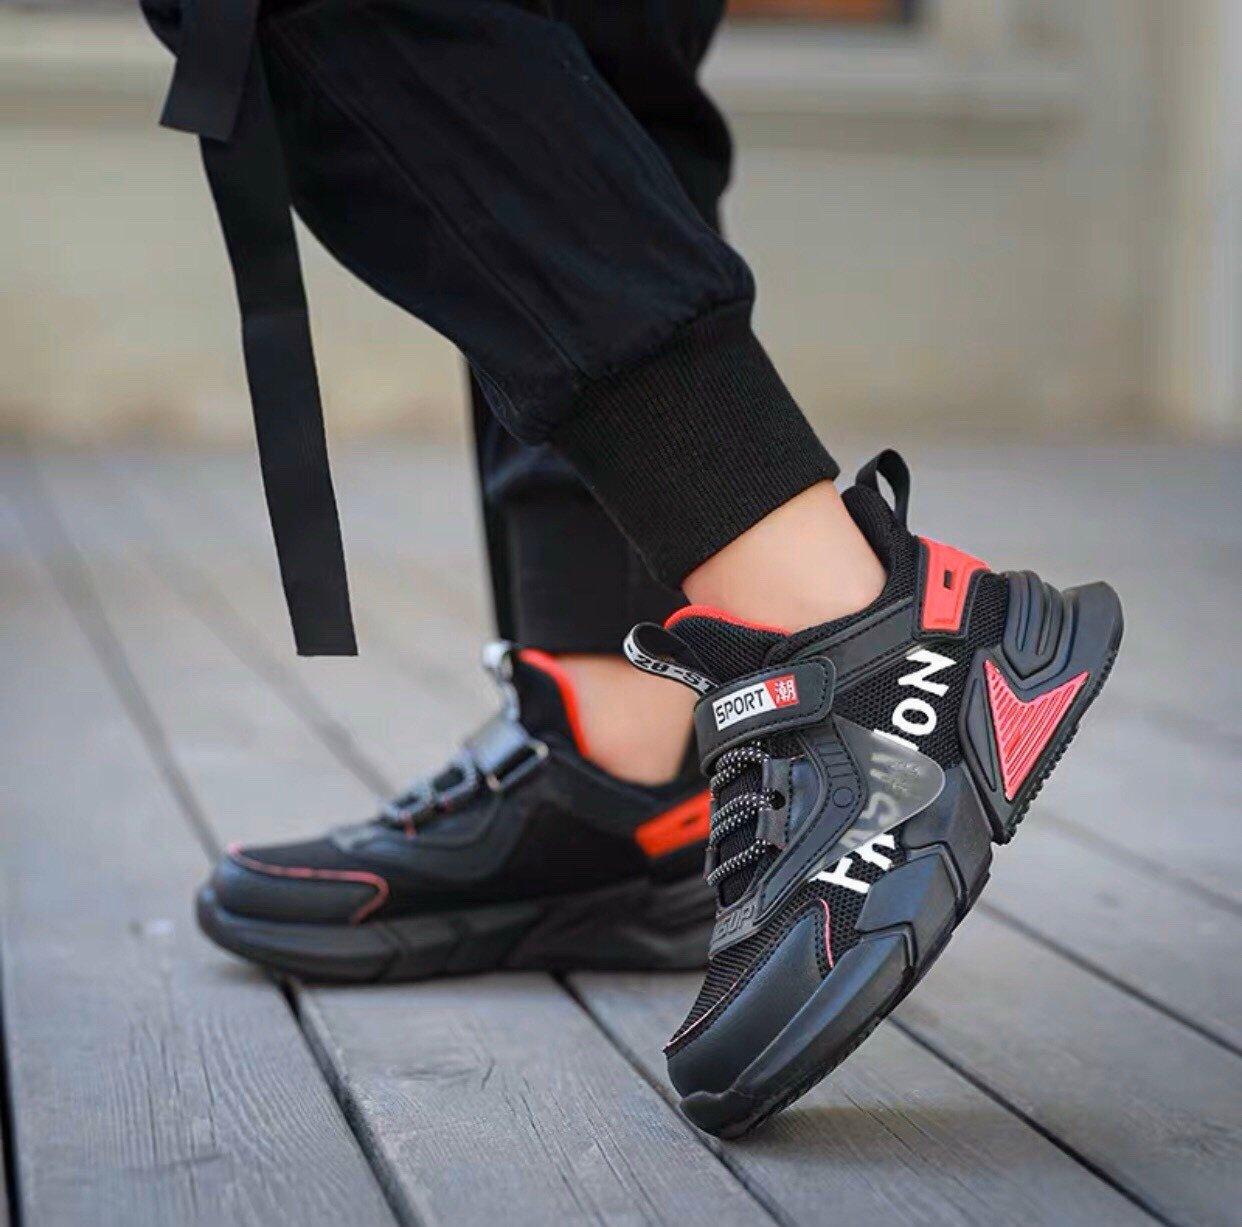 Giày sneaker Fashion mác cạnh trong